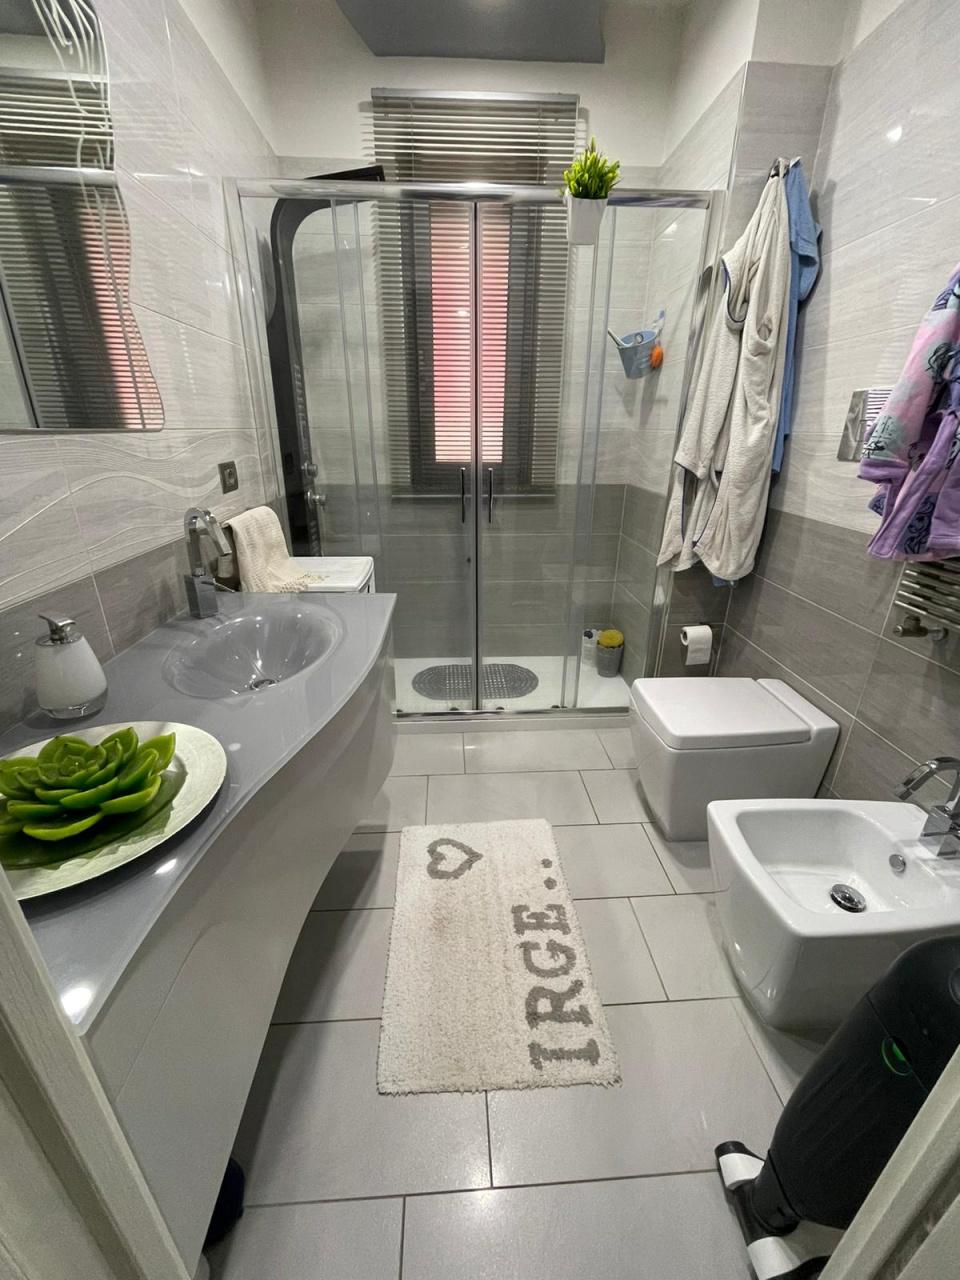 Appartamento in vendita a San Felice a Cancello, 3 locali, prezzo € 115.000 | PortaleAgenzieImmobiliari.it